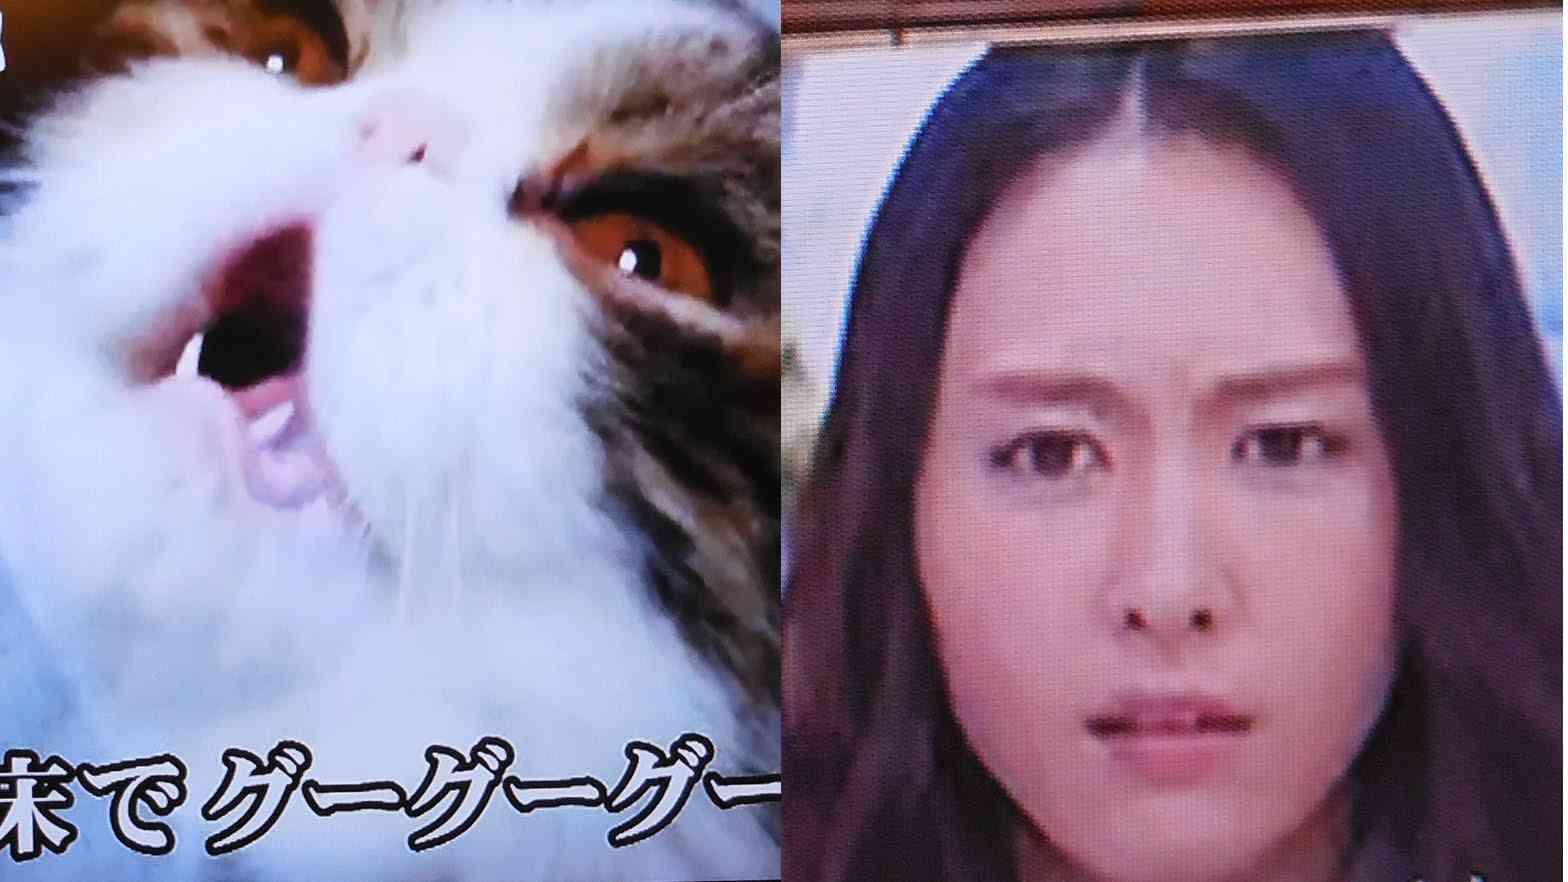 歌う猫ドラミちゃん テレビ出演で ガッキーの笑顔が引きつりまくる!! - YouTube